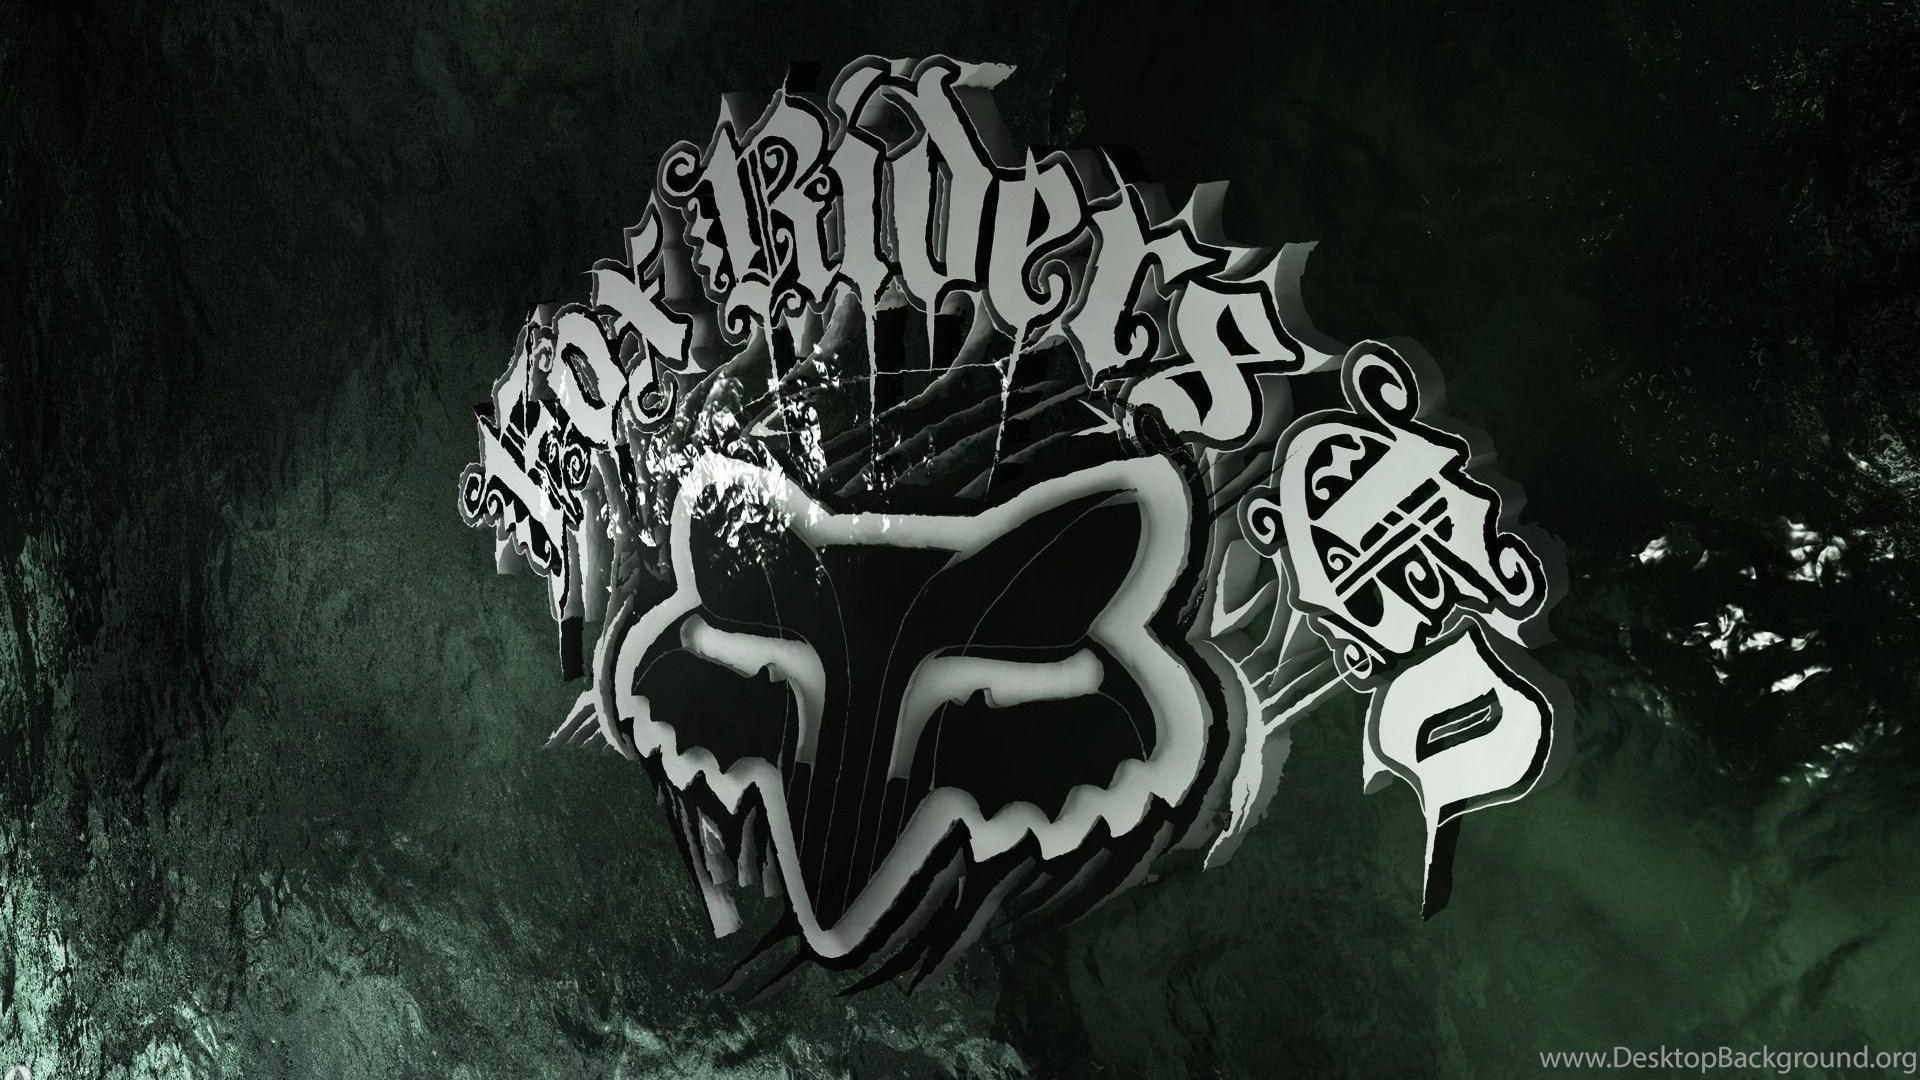 Fox Racing Logo Wallpapers Desktop Background